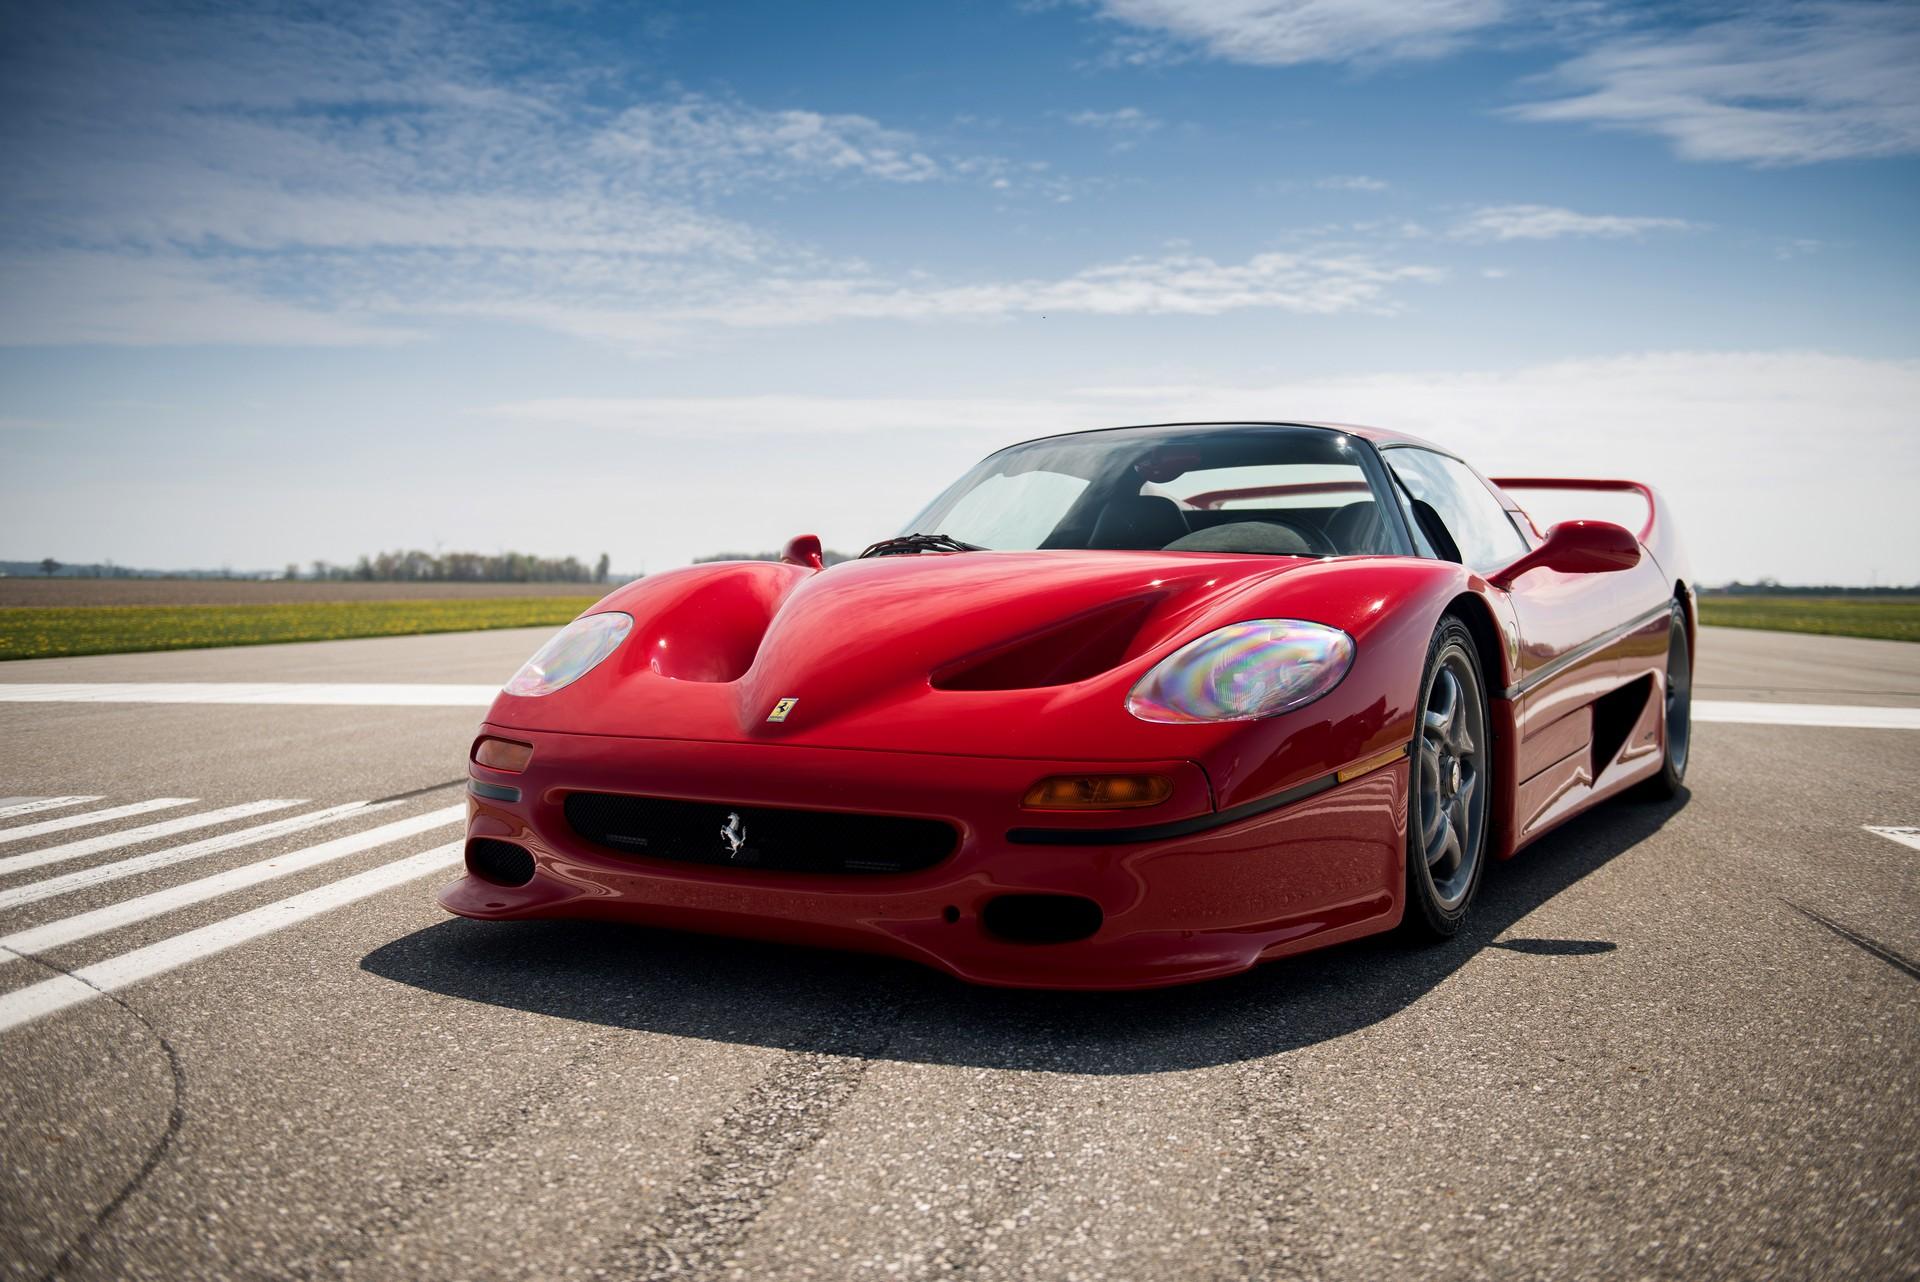 Potenza Sports Cars